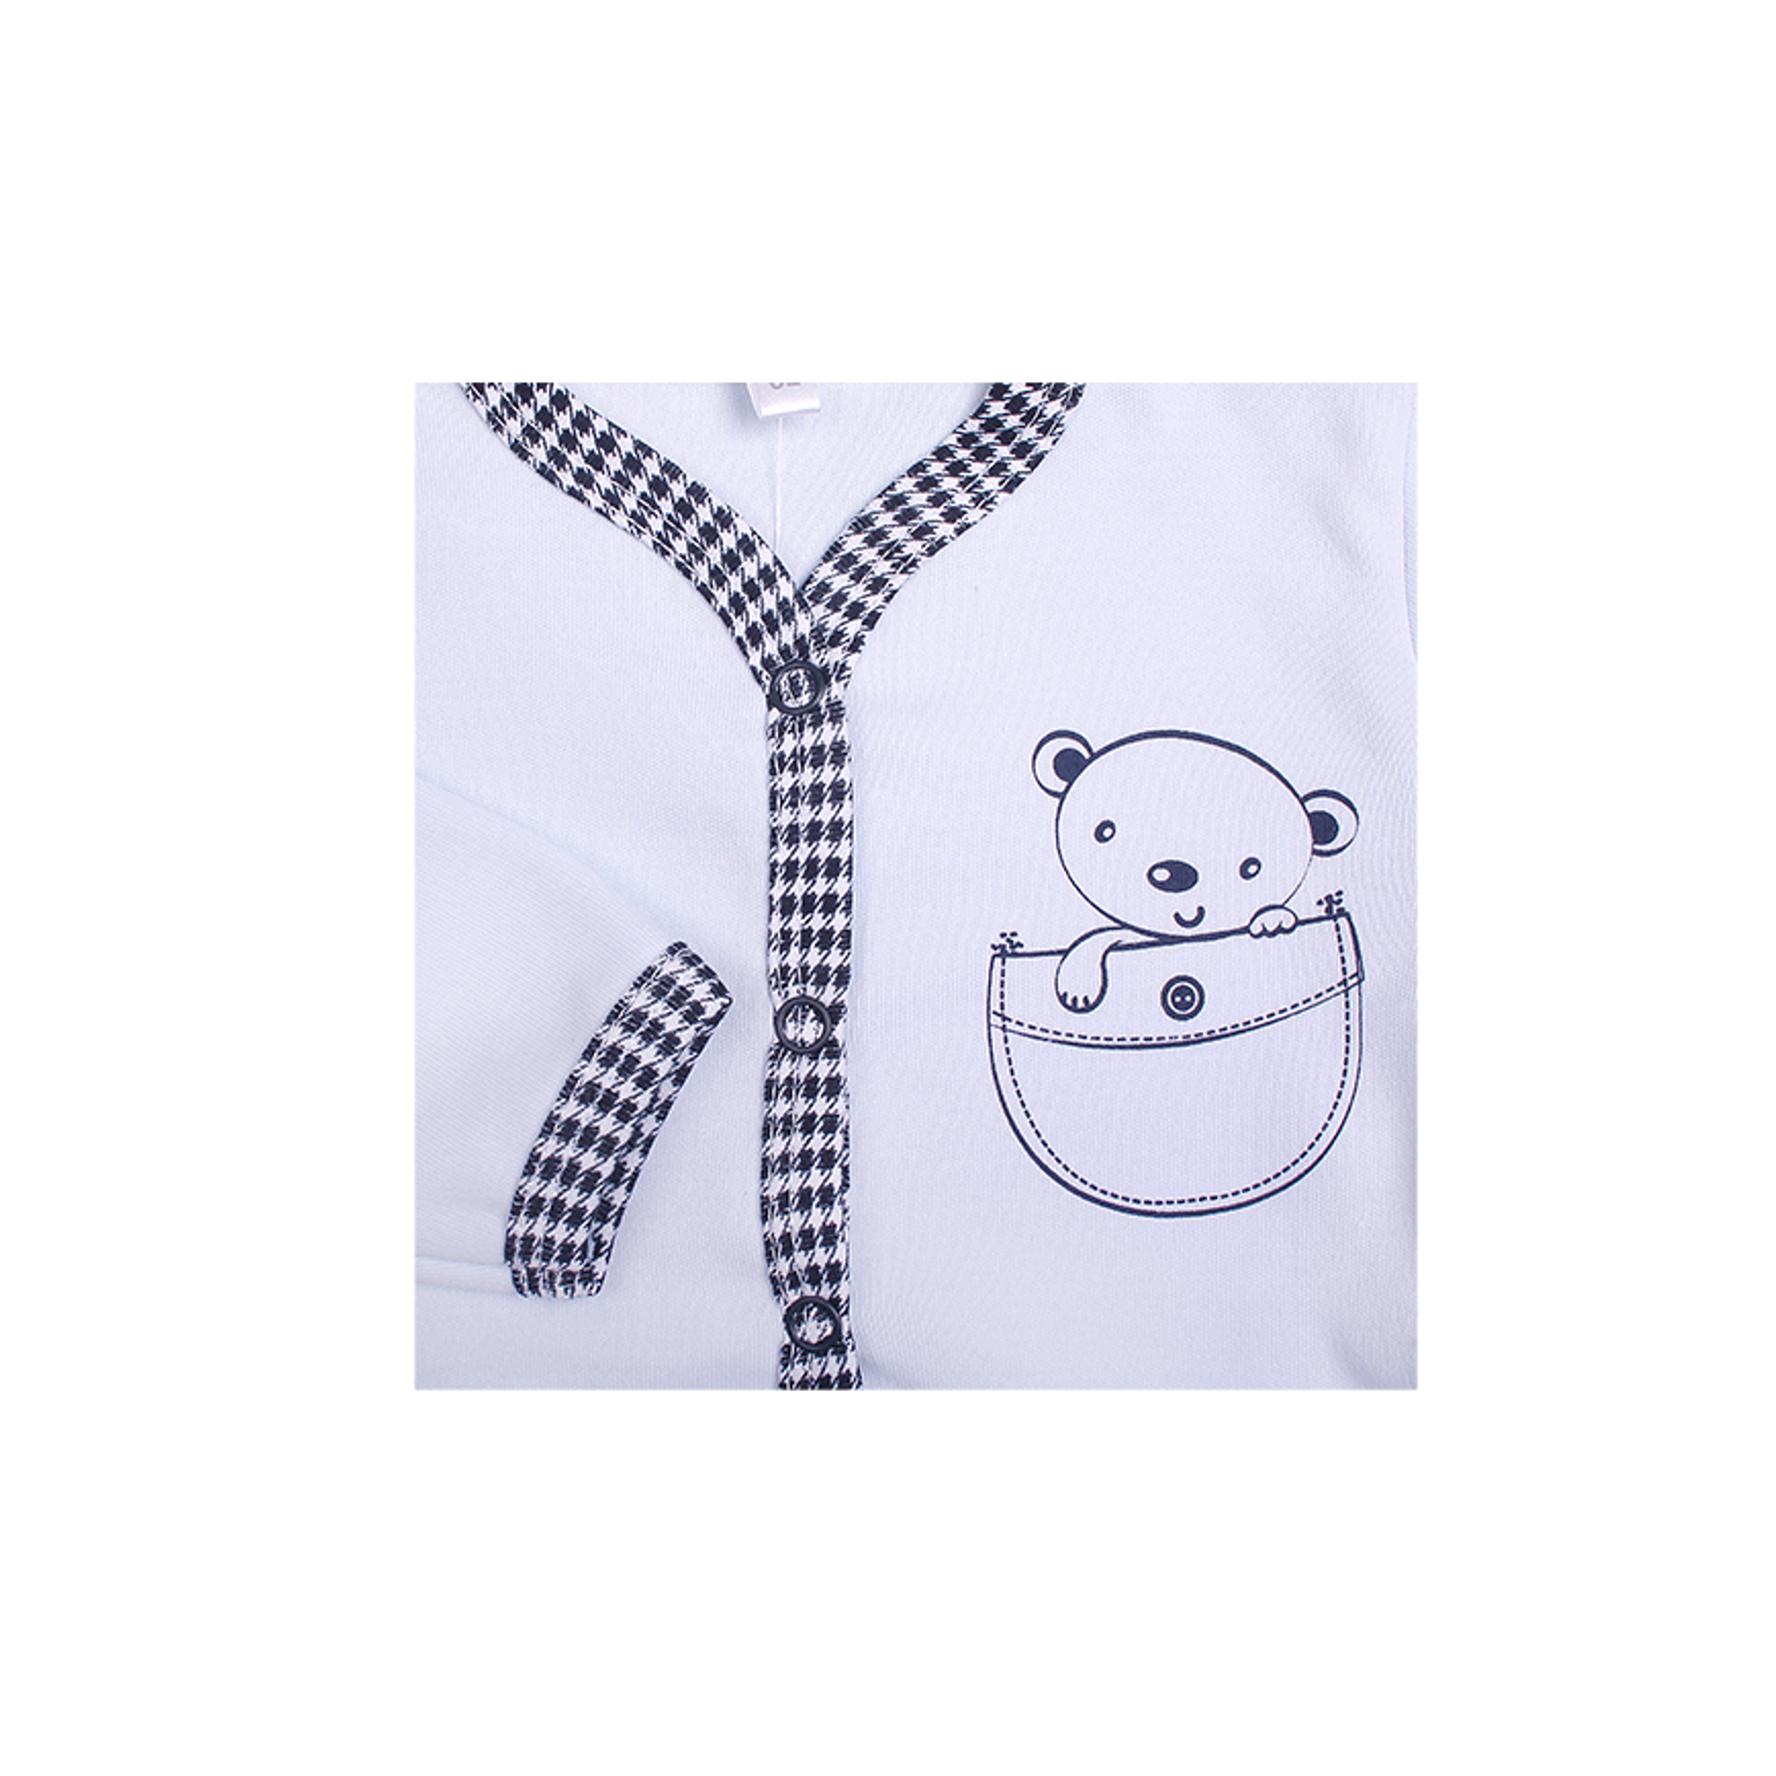 Боди Idea Kids Мишка длинный рукав, застежка спереди, с принтом, интерлок Размер 62 от Младенец.ru